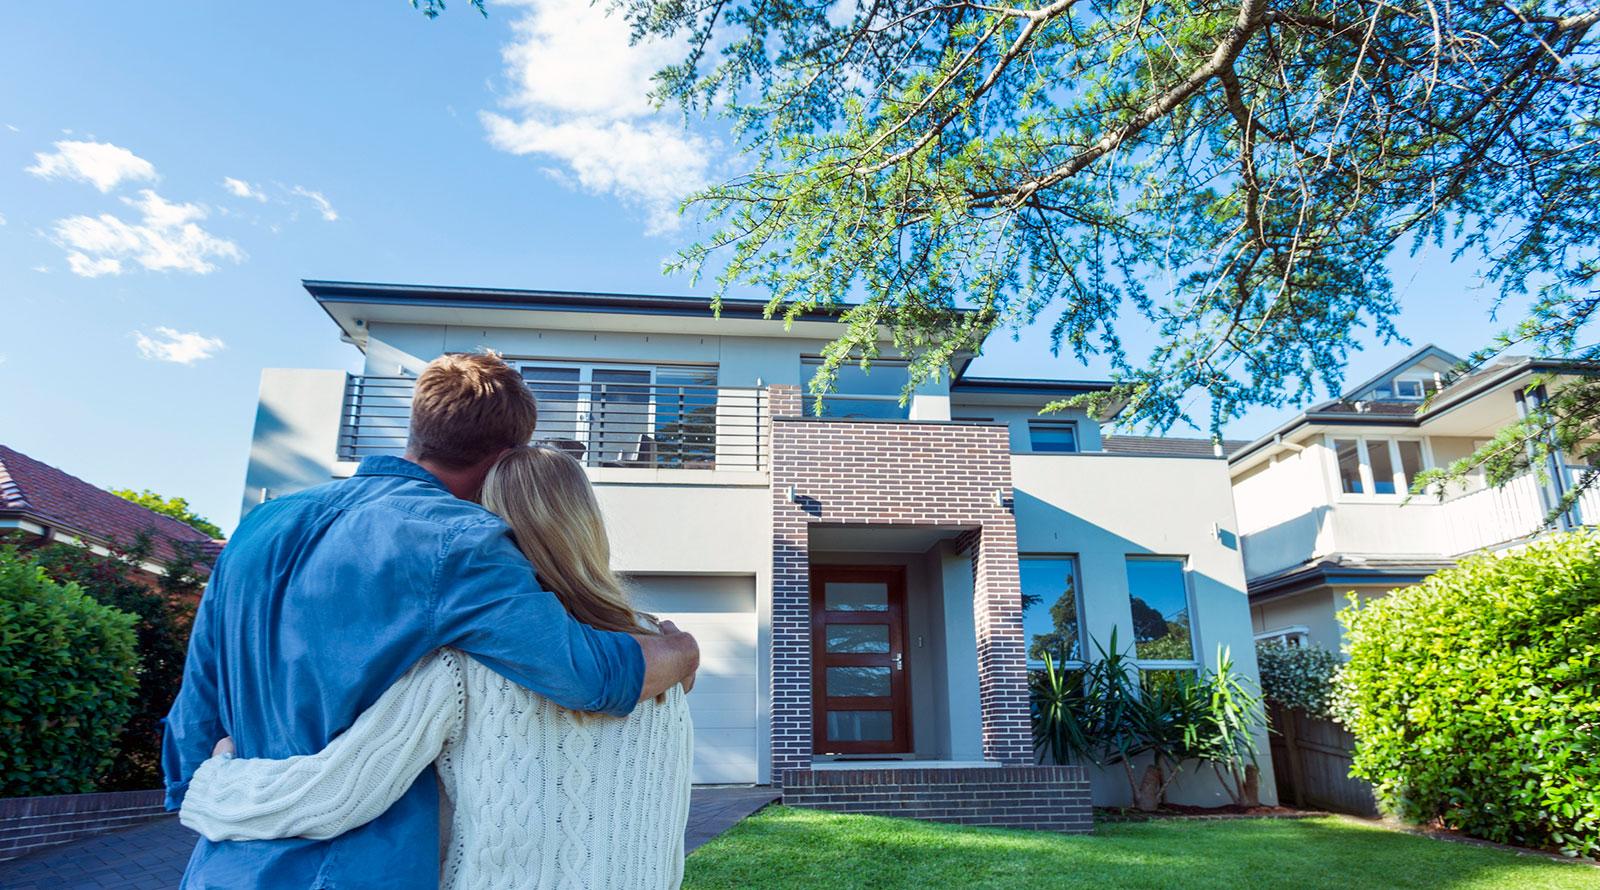 Wichtig zu wissen: Neben dem Kaufpreis wird beim Hauskauf auch die Grunderwerbsteuer fällig.